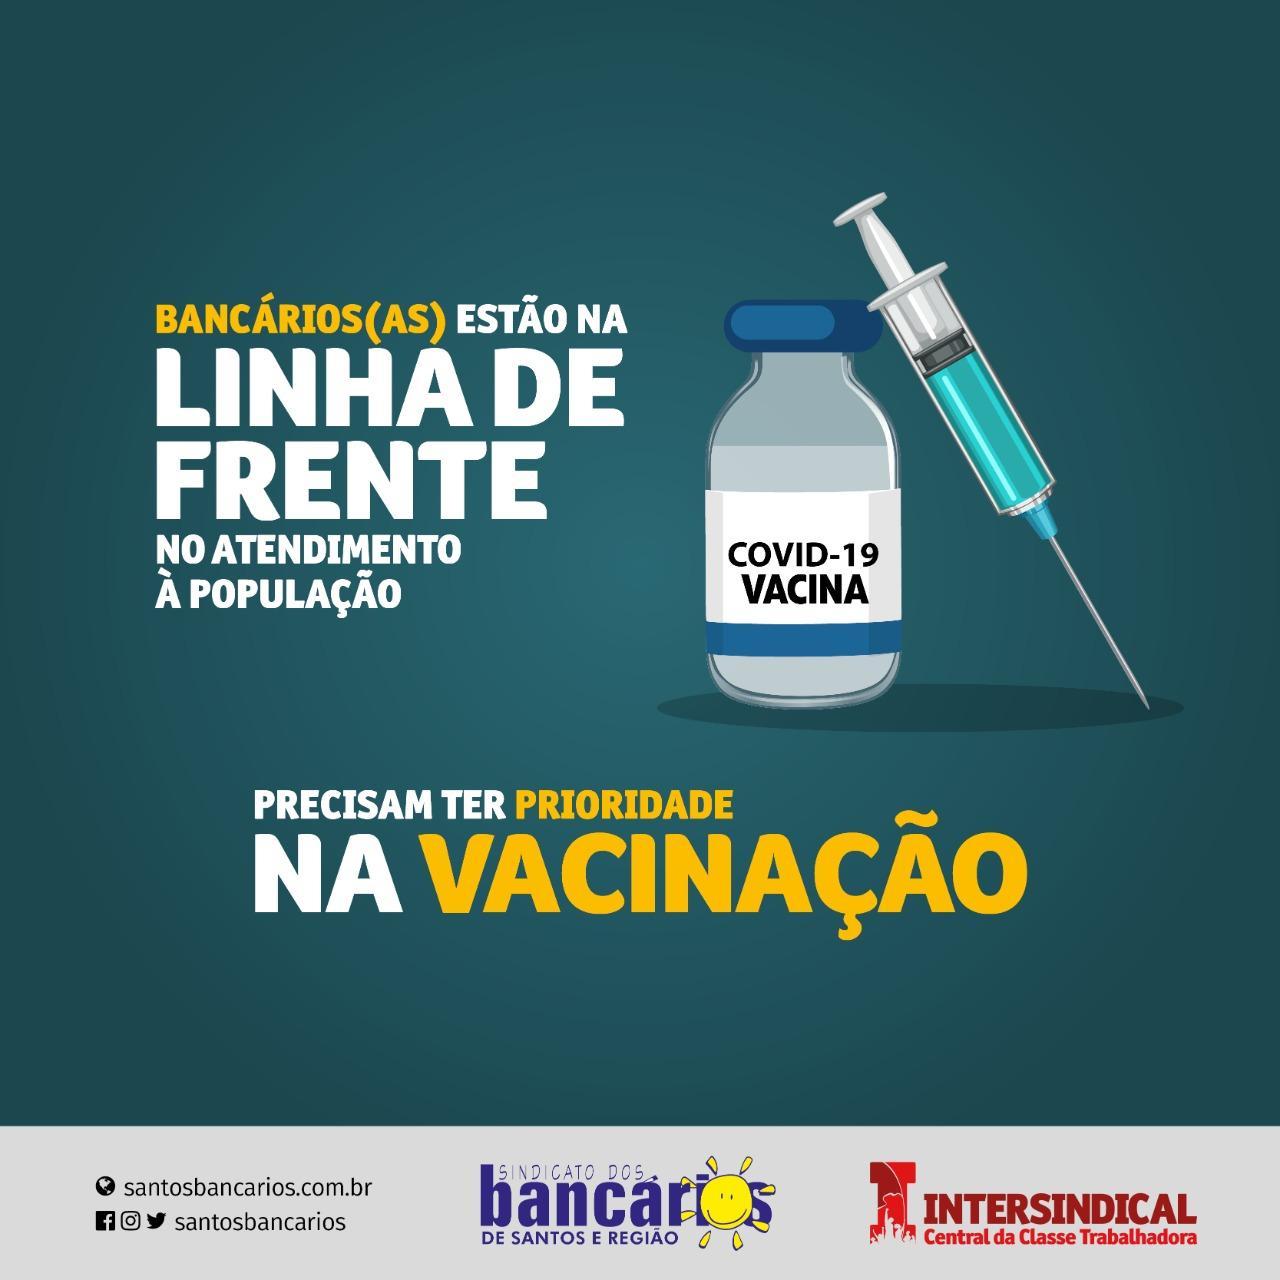 Bancários discutem com Santander o agravamento da pandemia